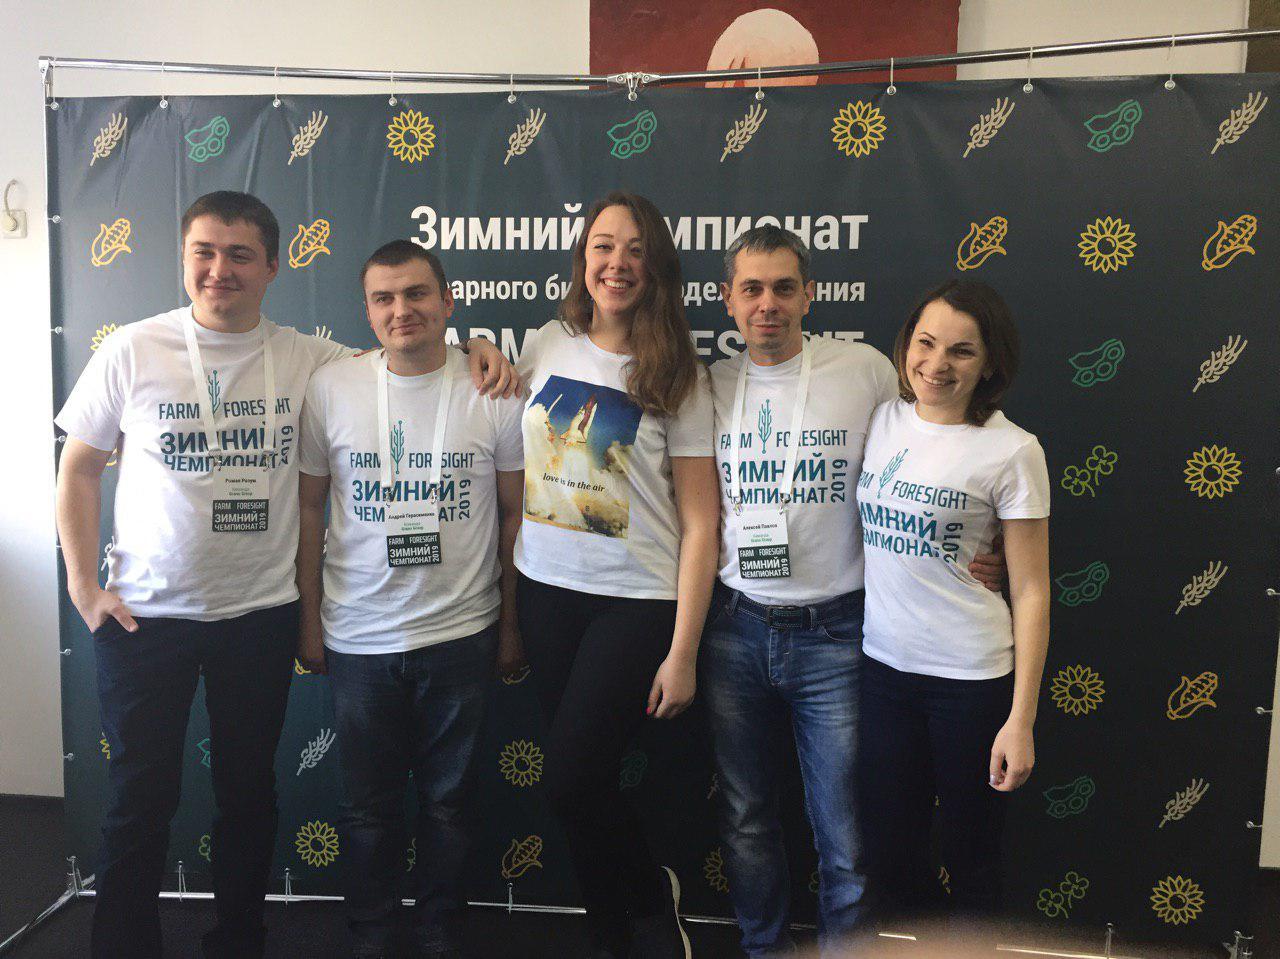 Команда «Грано Груп» зайняла ІІІ місце в чемпіонаті Farm Foresight